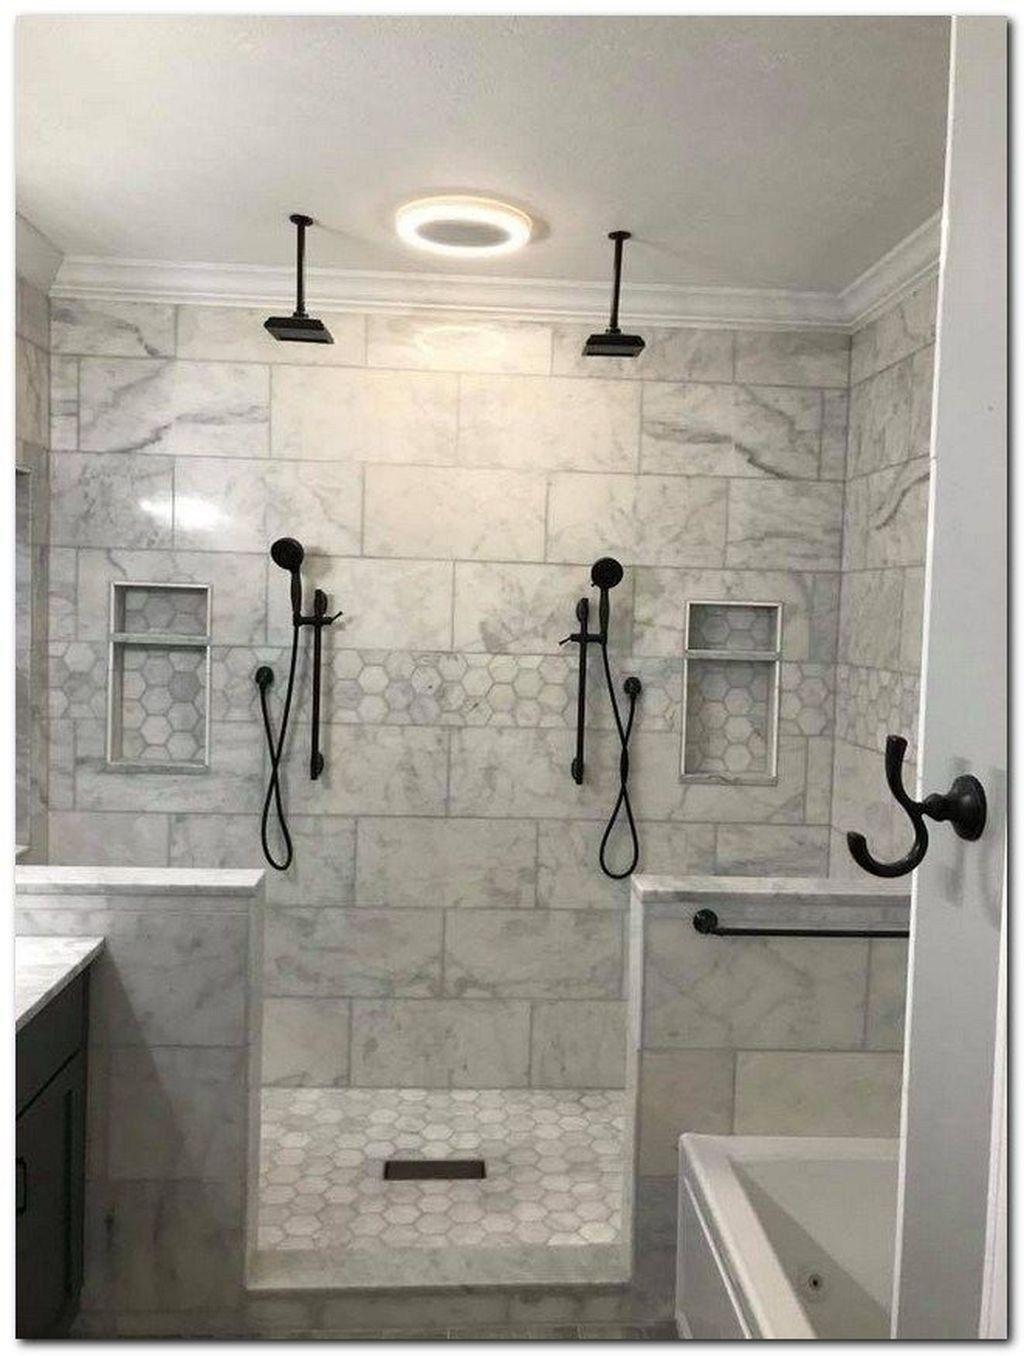 8 Remarkable Cool Tips Large Shower Remodel Ideas Shower Remodeling Ideas Wood Tiles Shower Remo In 2020 Bathroom Remodel Shower Master Bathroom Shower Shower Remodel